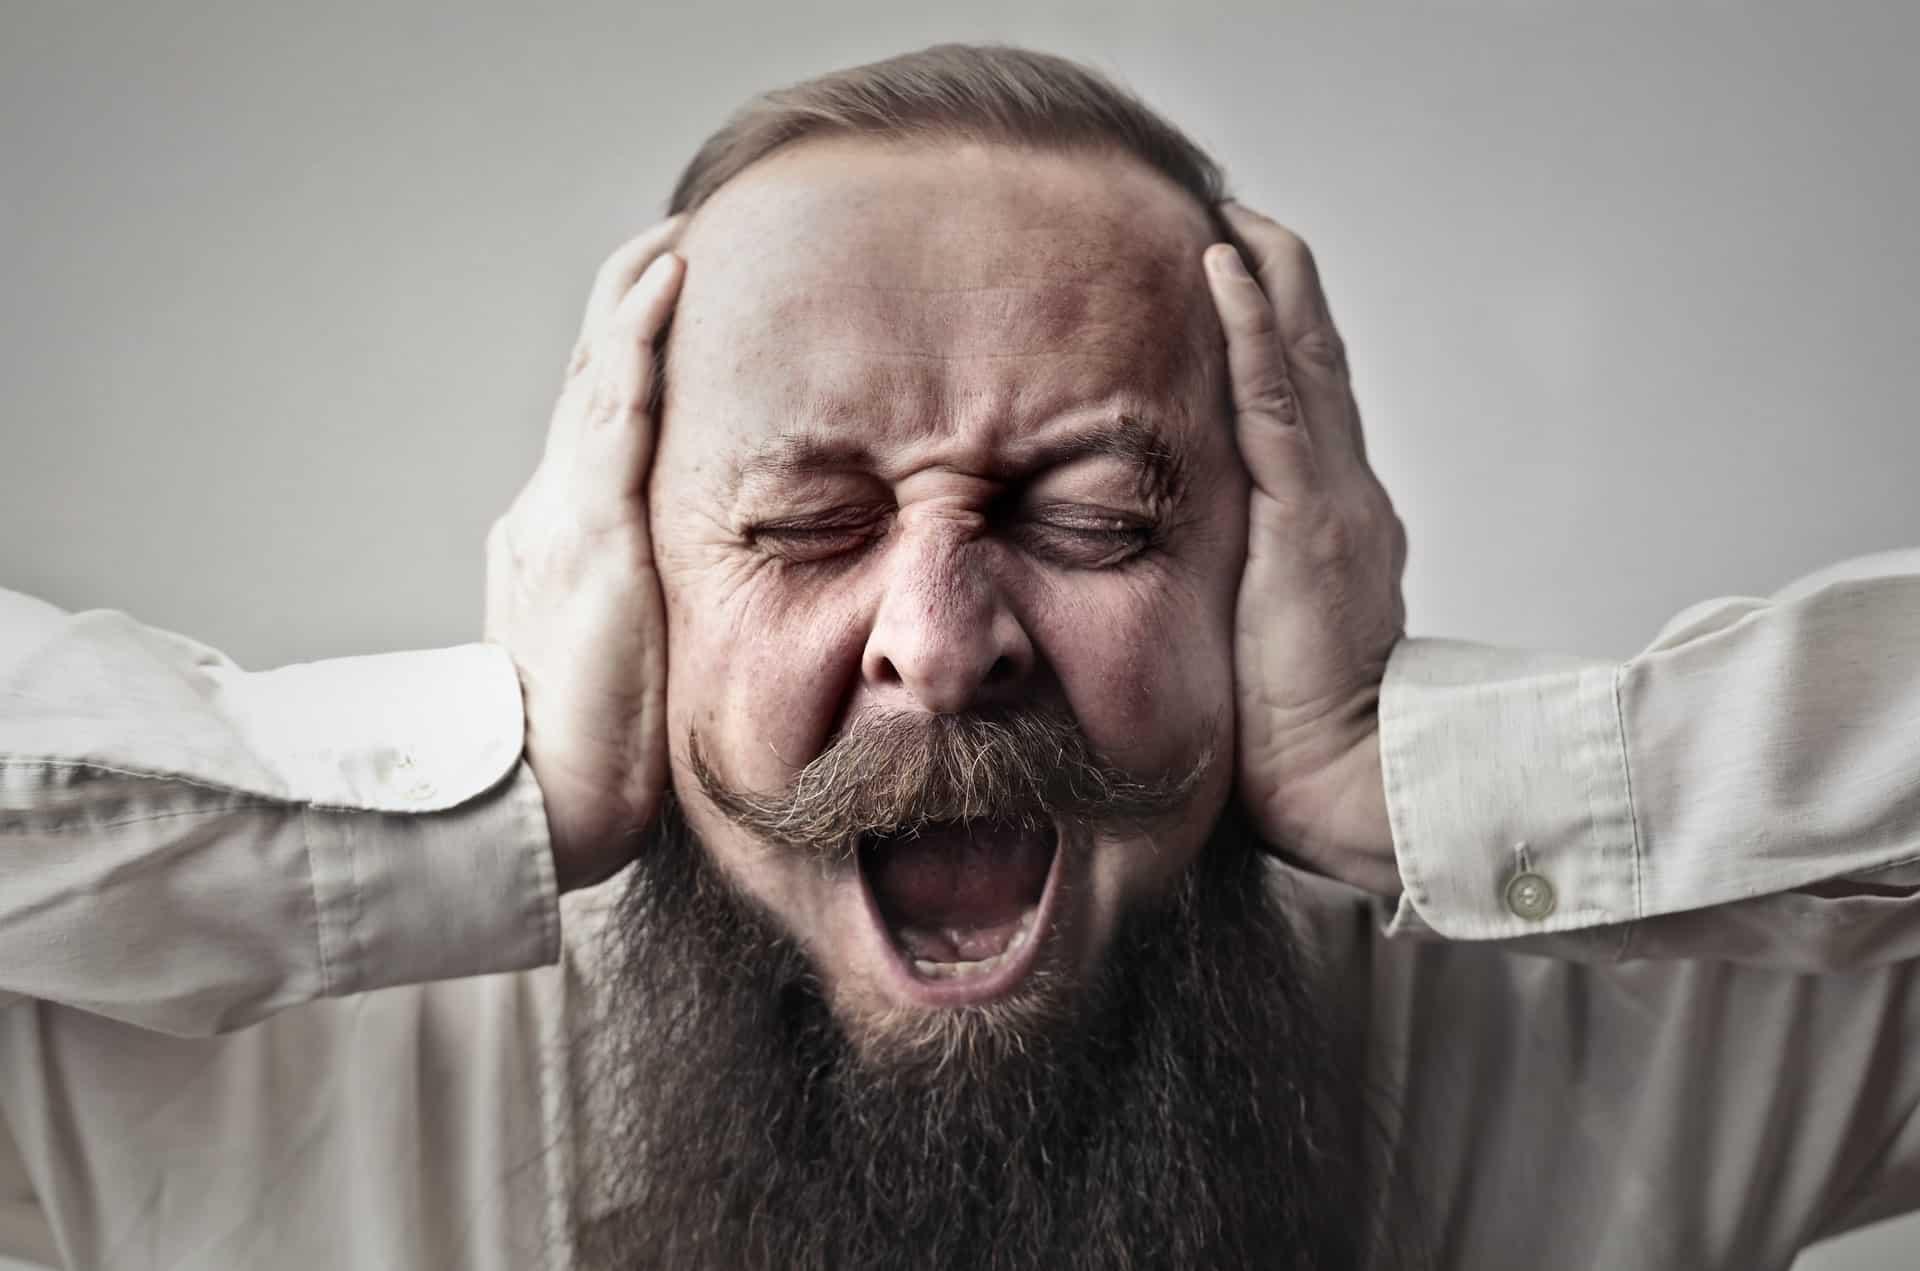 Tinnitus beeinträchtigt Lebensqualität – Ohrgeräusche sind keine Einbildung